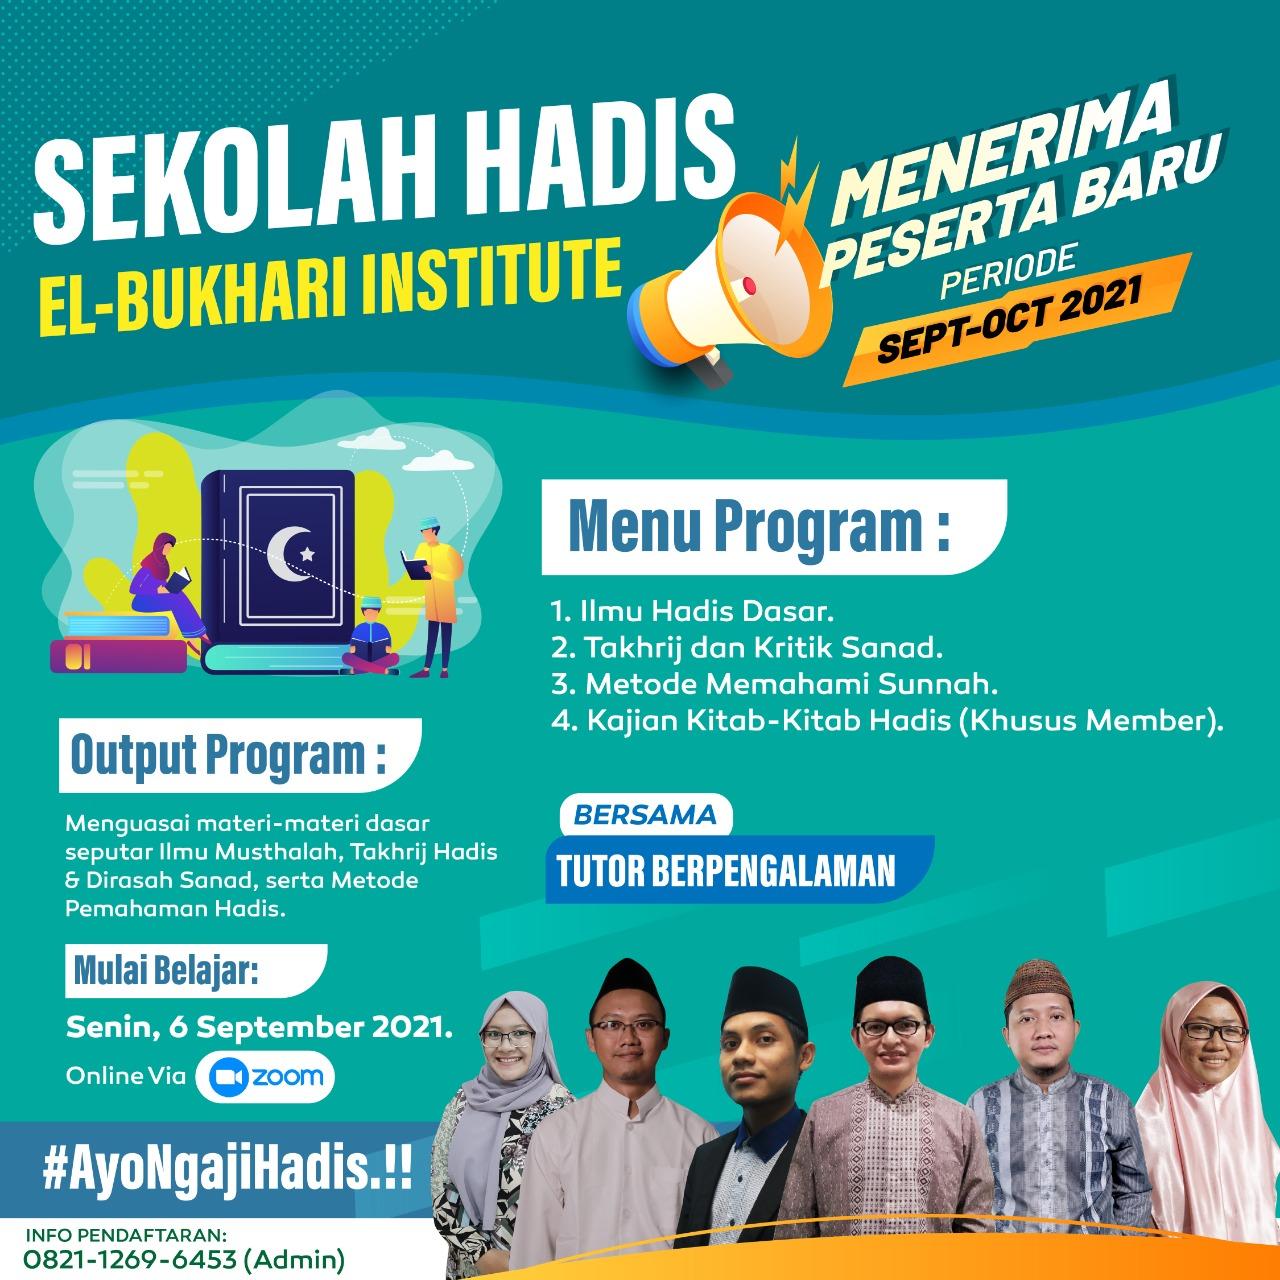 sekolah Hadis el-Bukhari Institute